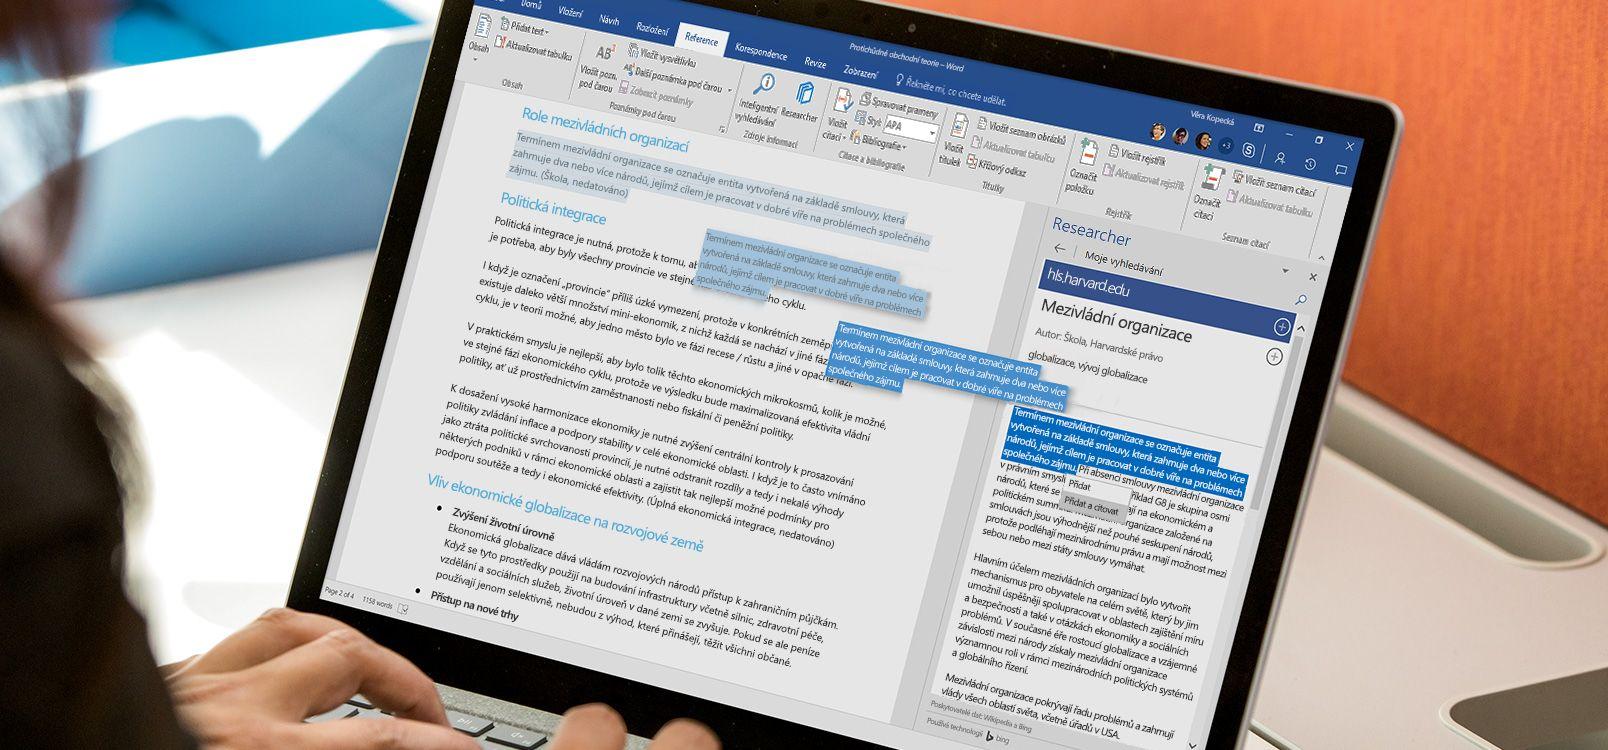 Obrazovka přenosného počítače s wordovým dokumentem využívajícím funkci Researcher